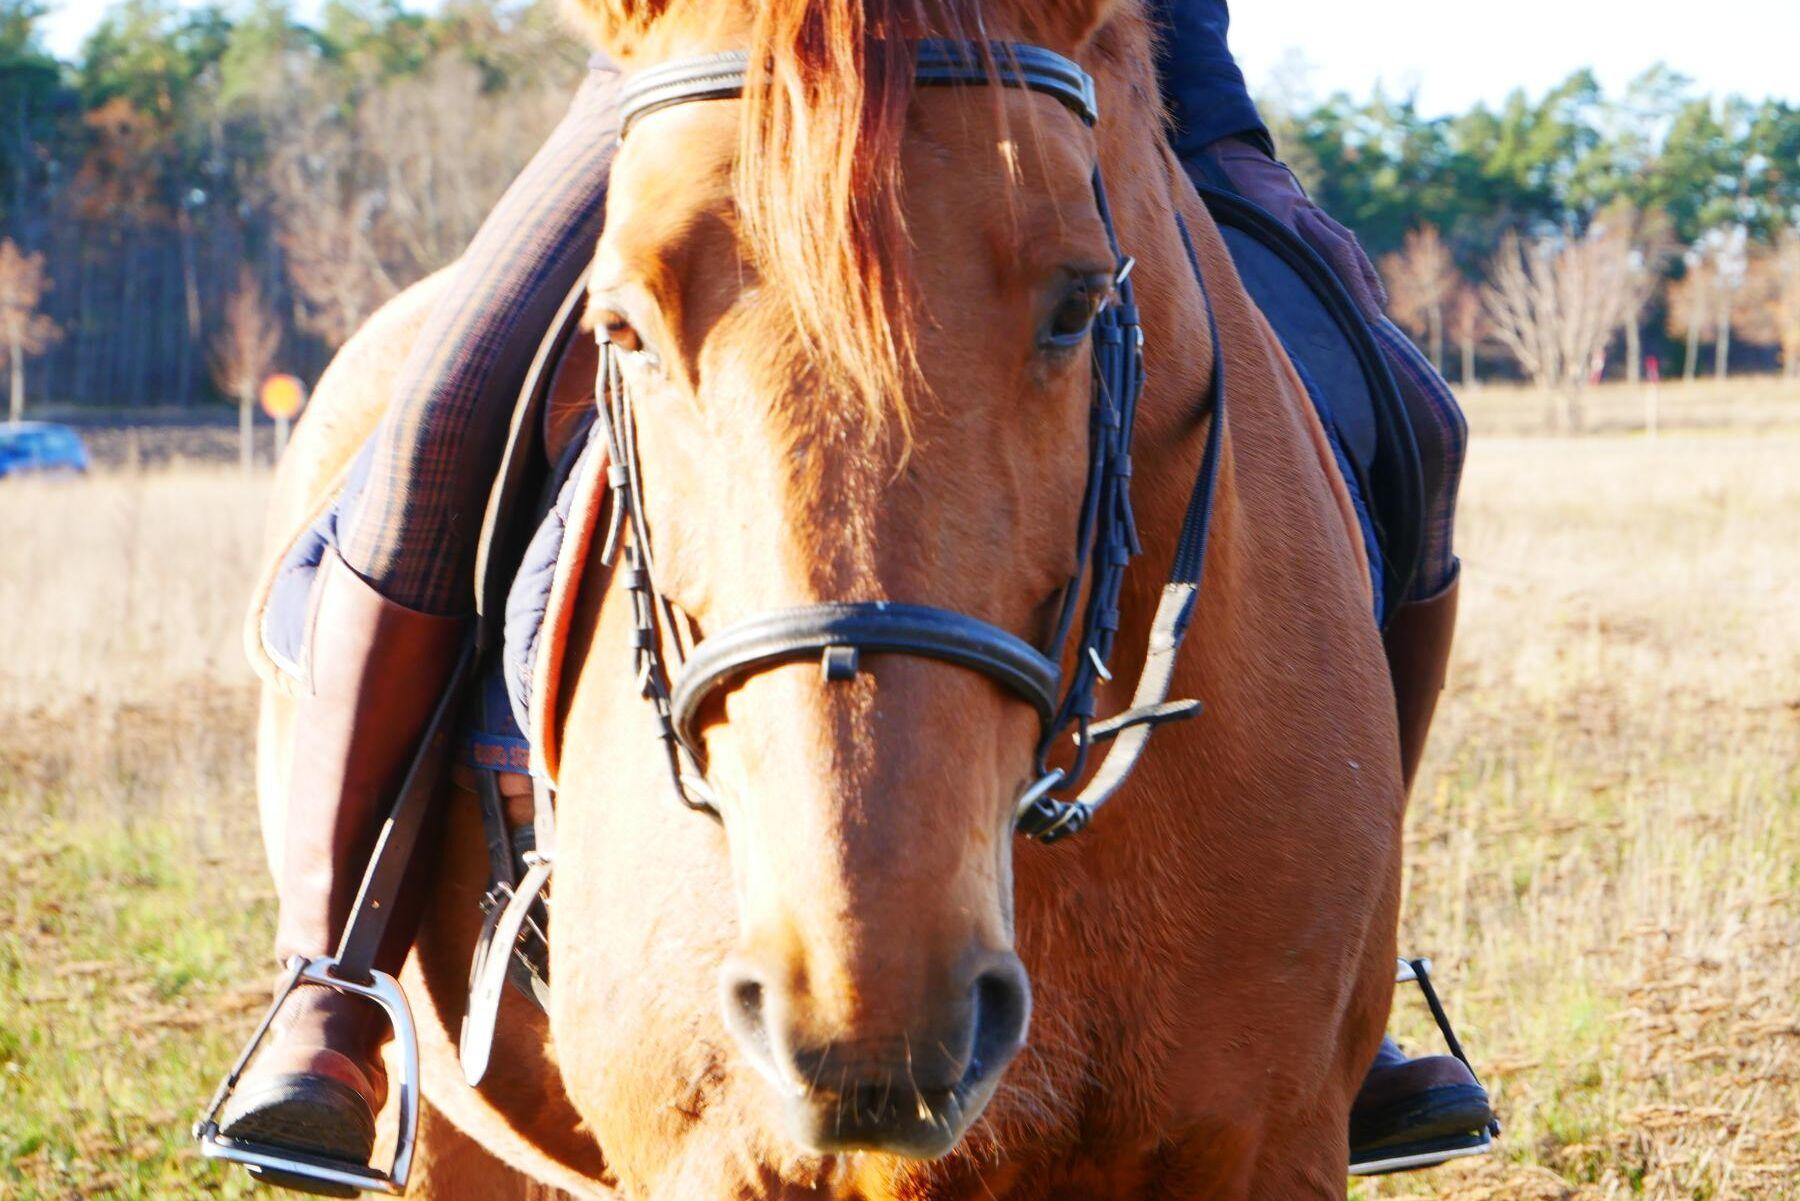 Från och med första oktober ska alla djur, även hästar, vara registrerade på den anläggning där de normalt håller till.